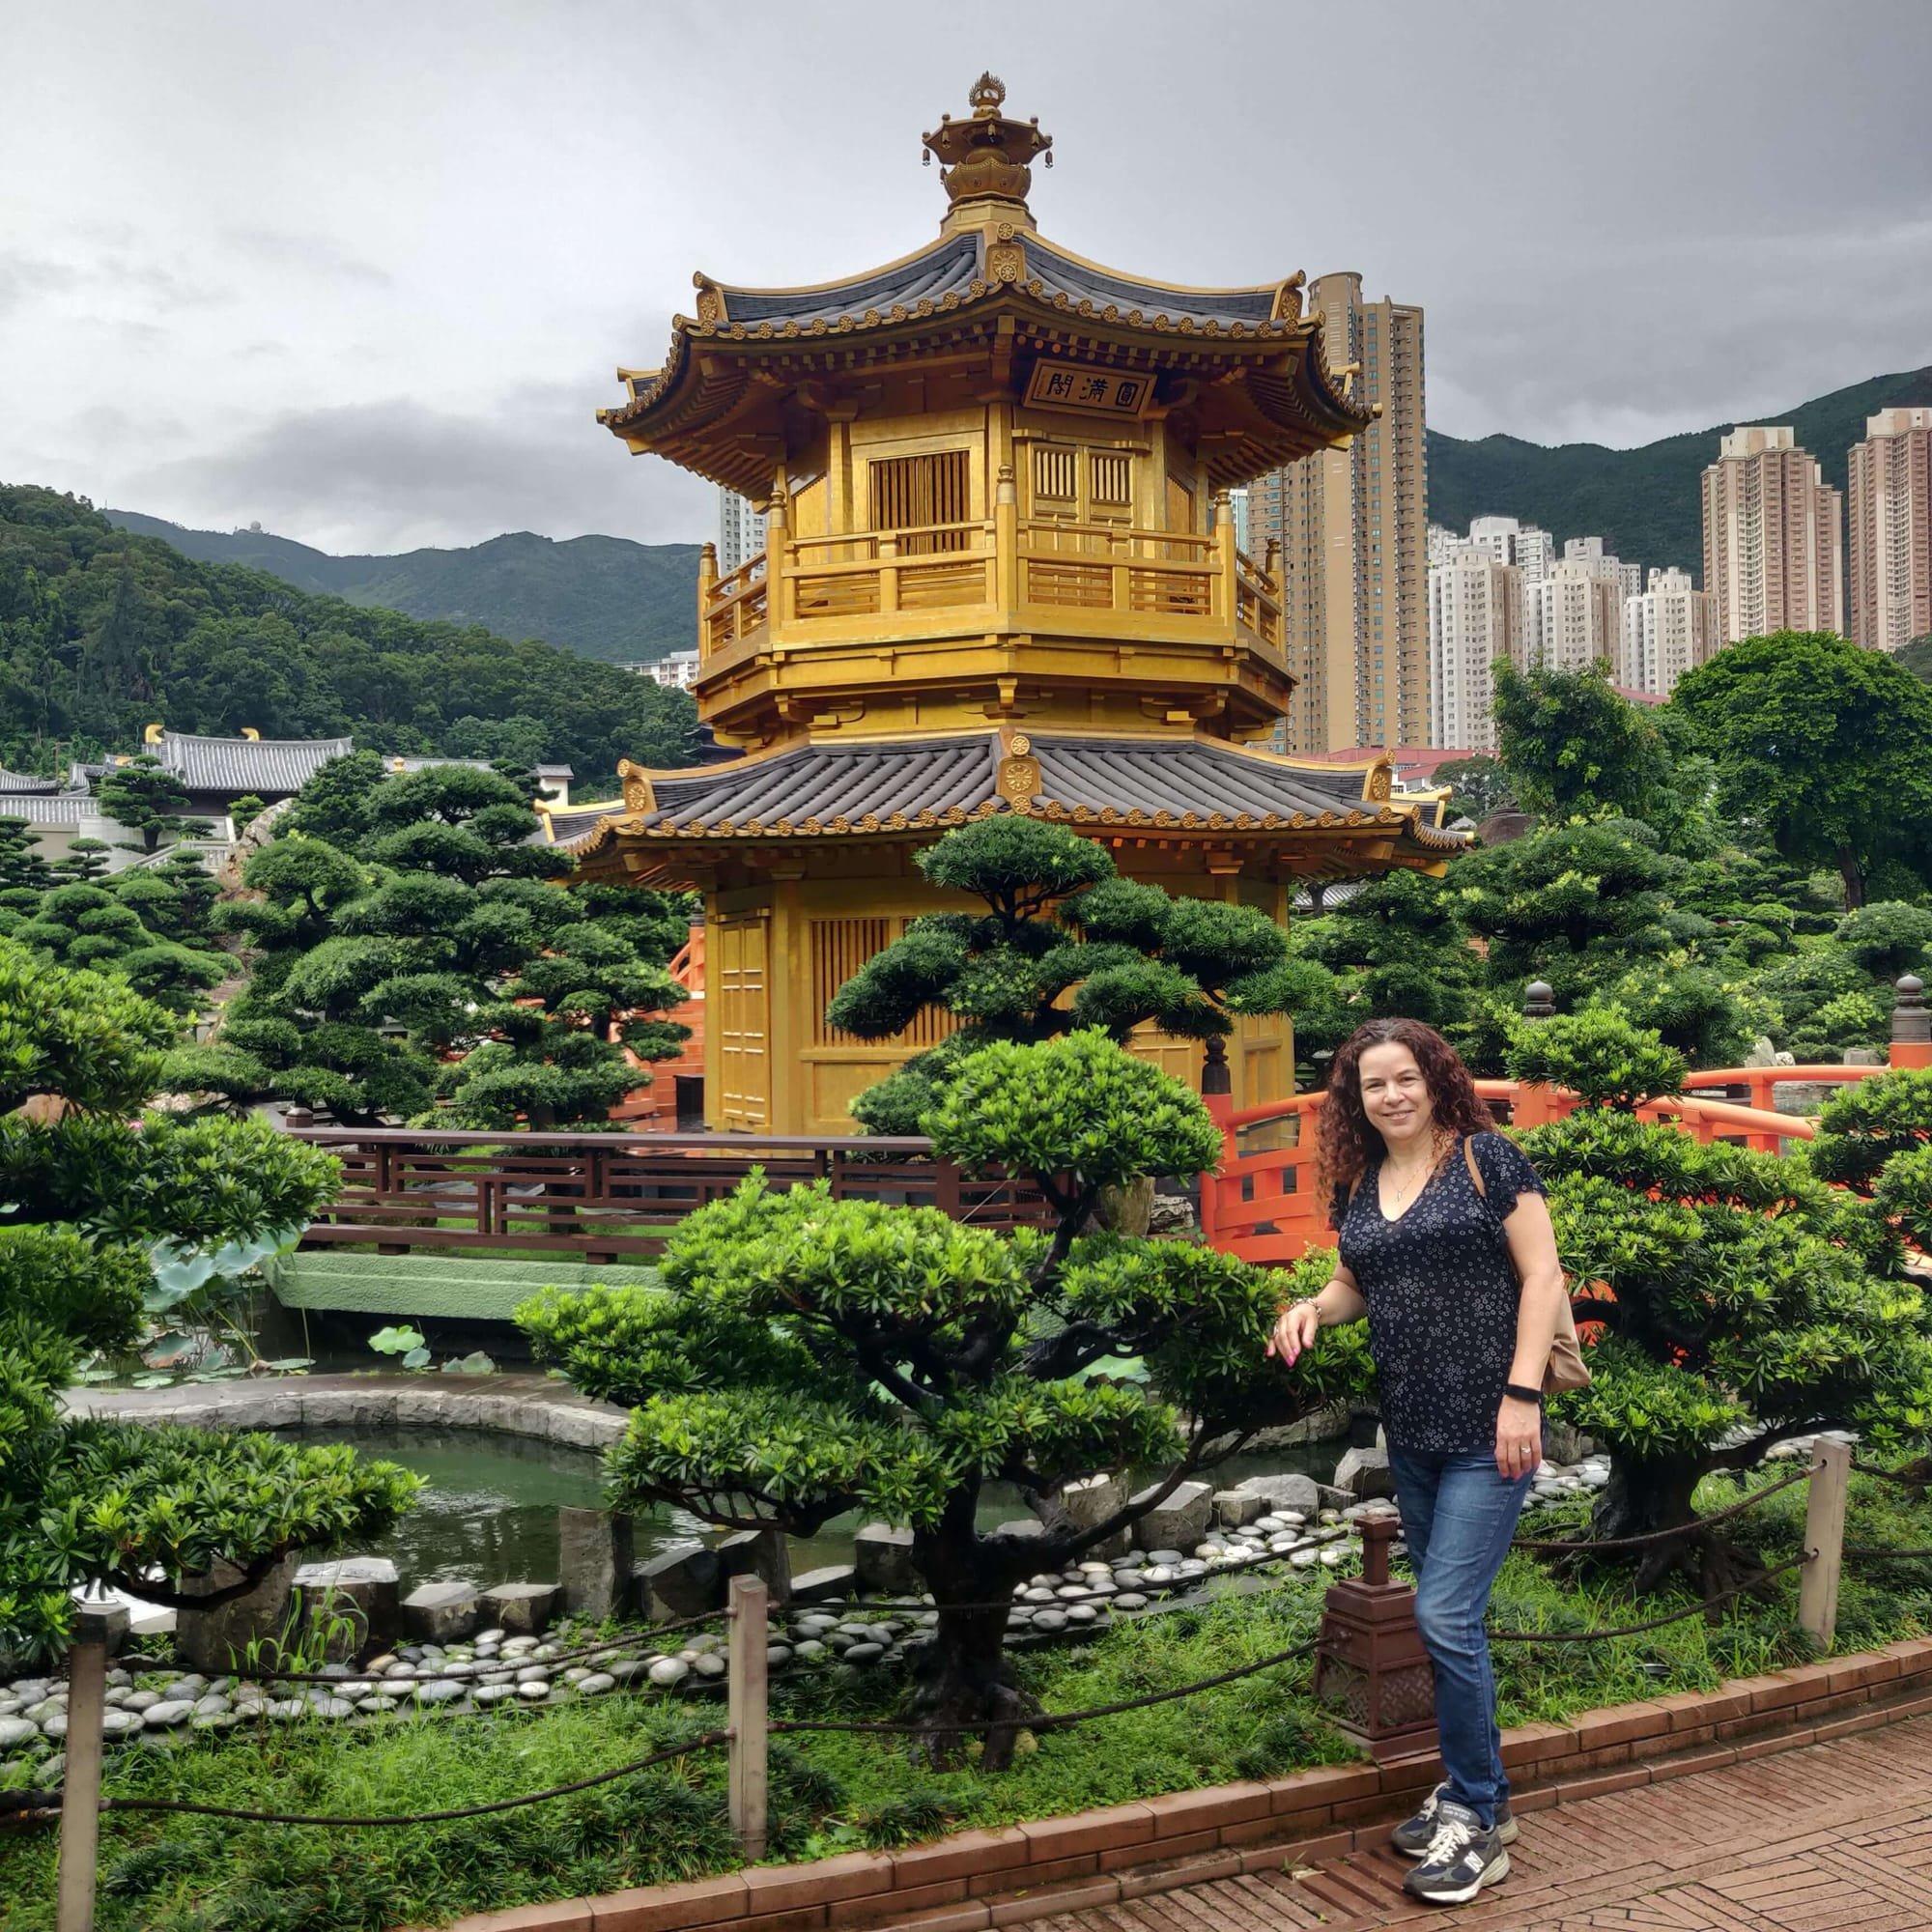 רוית רדיאן, בין ים ושמיים,  אימון אישי, אימון עסקי, אימון לשינוי, הונג קונג